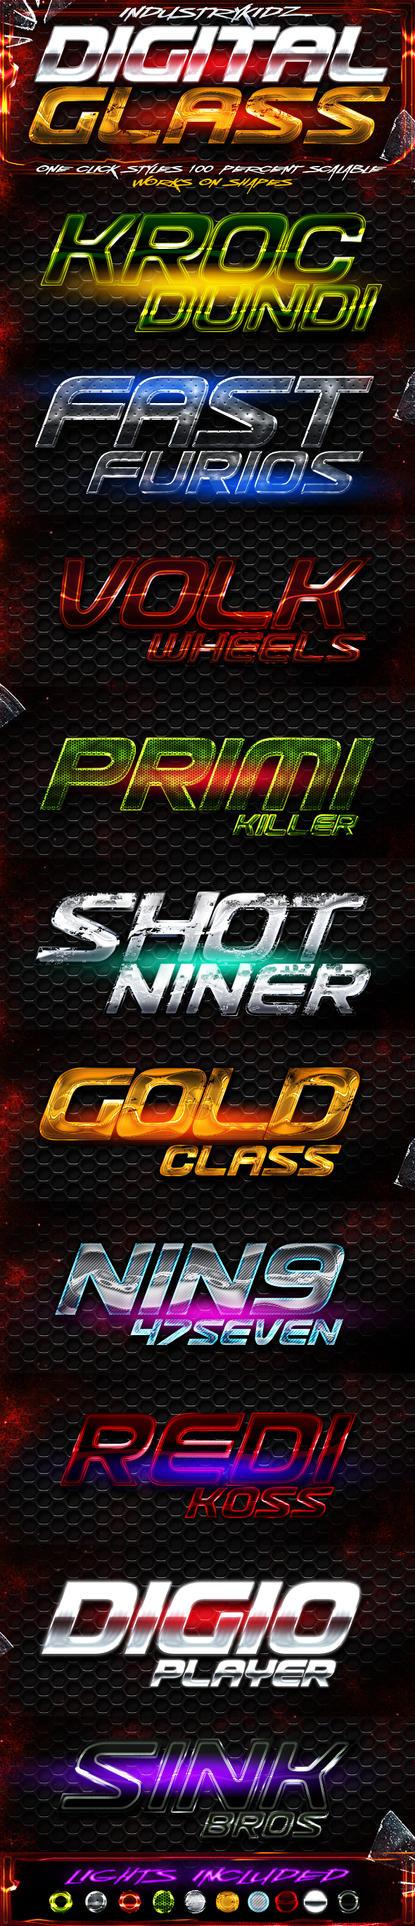 Digital Glass Photoshop Styles by Industrykidz